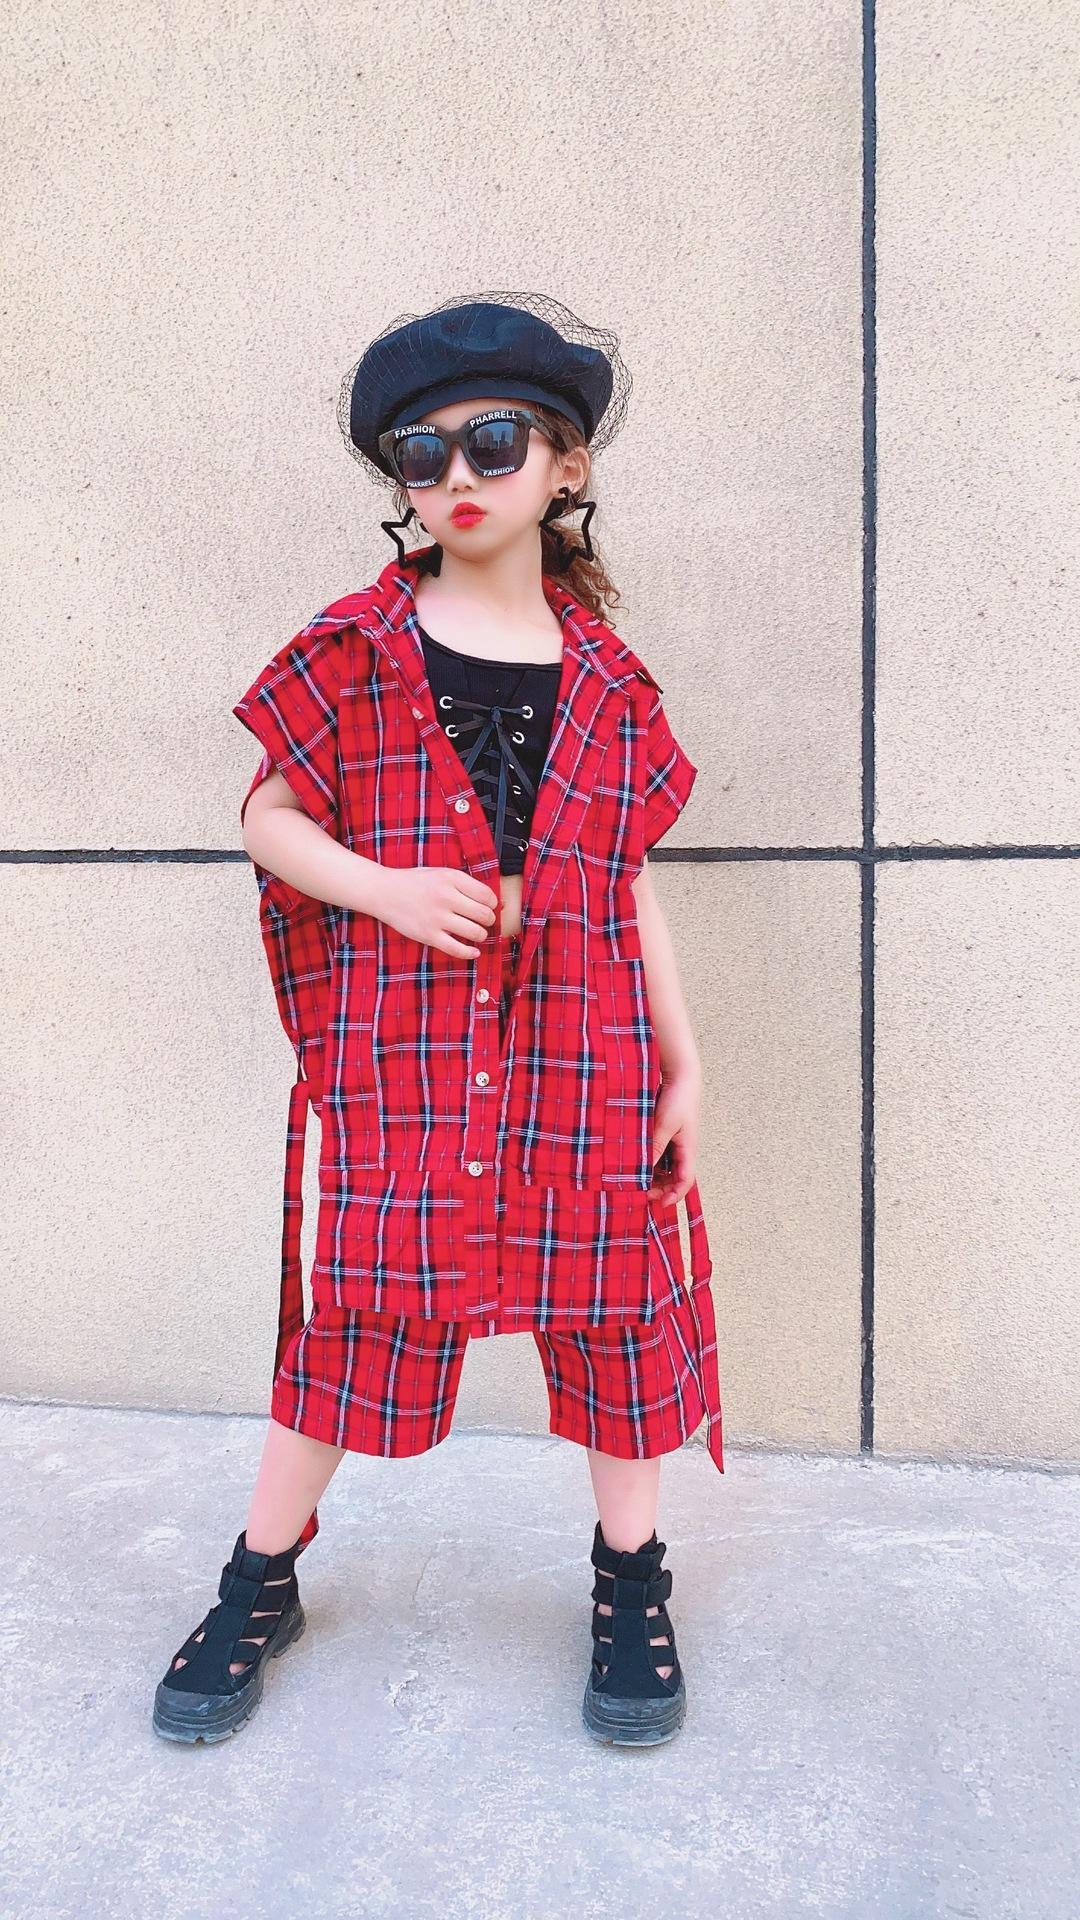 Mode enfants nouveaux carreaux de style enfants tenues à la mode ceinture simple boutonnage treillis de gilet + filles desserrés pantalons demi-ensembles occasionnels A3166